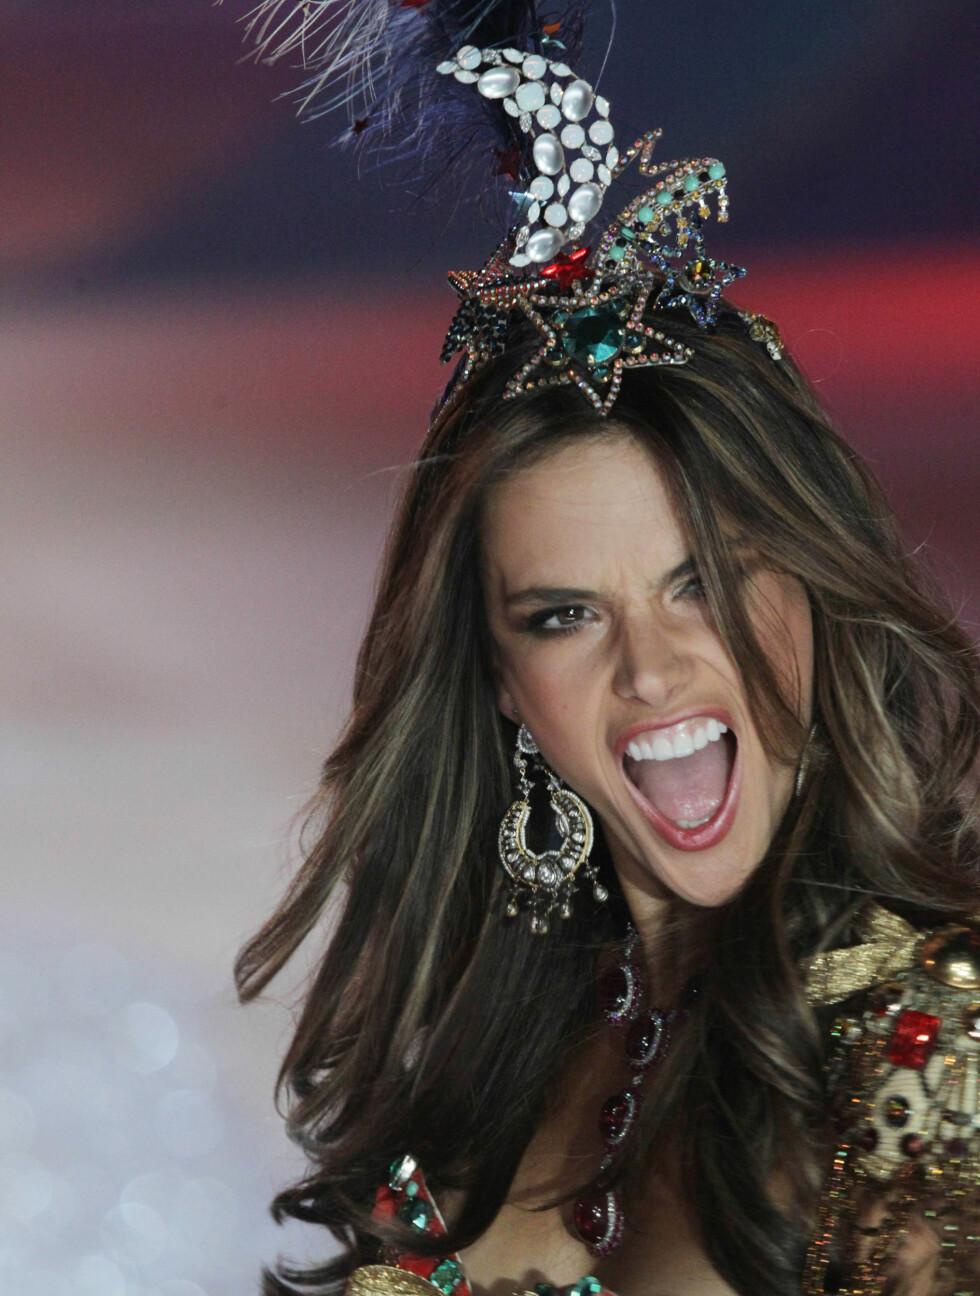 SKRIKER TIL: Det var ikke bare Alessandra Ambrosios dyre BH som skrek mot publikum på catwalken. Foto: All Over Press